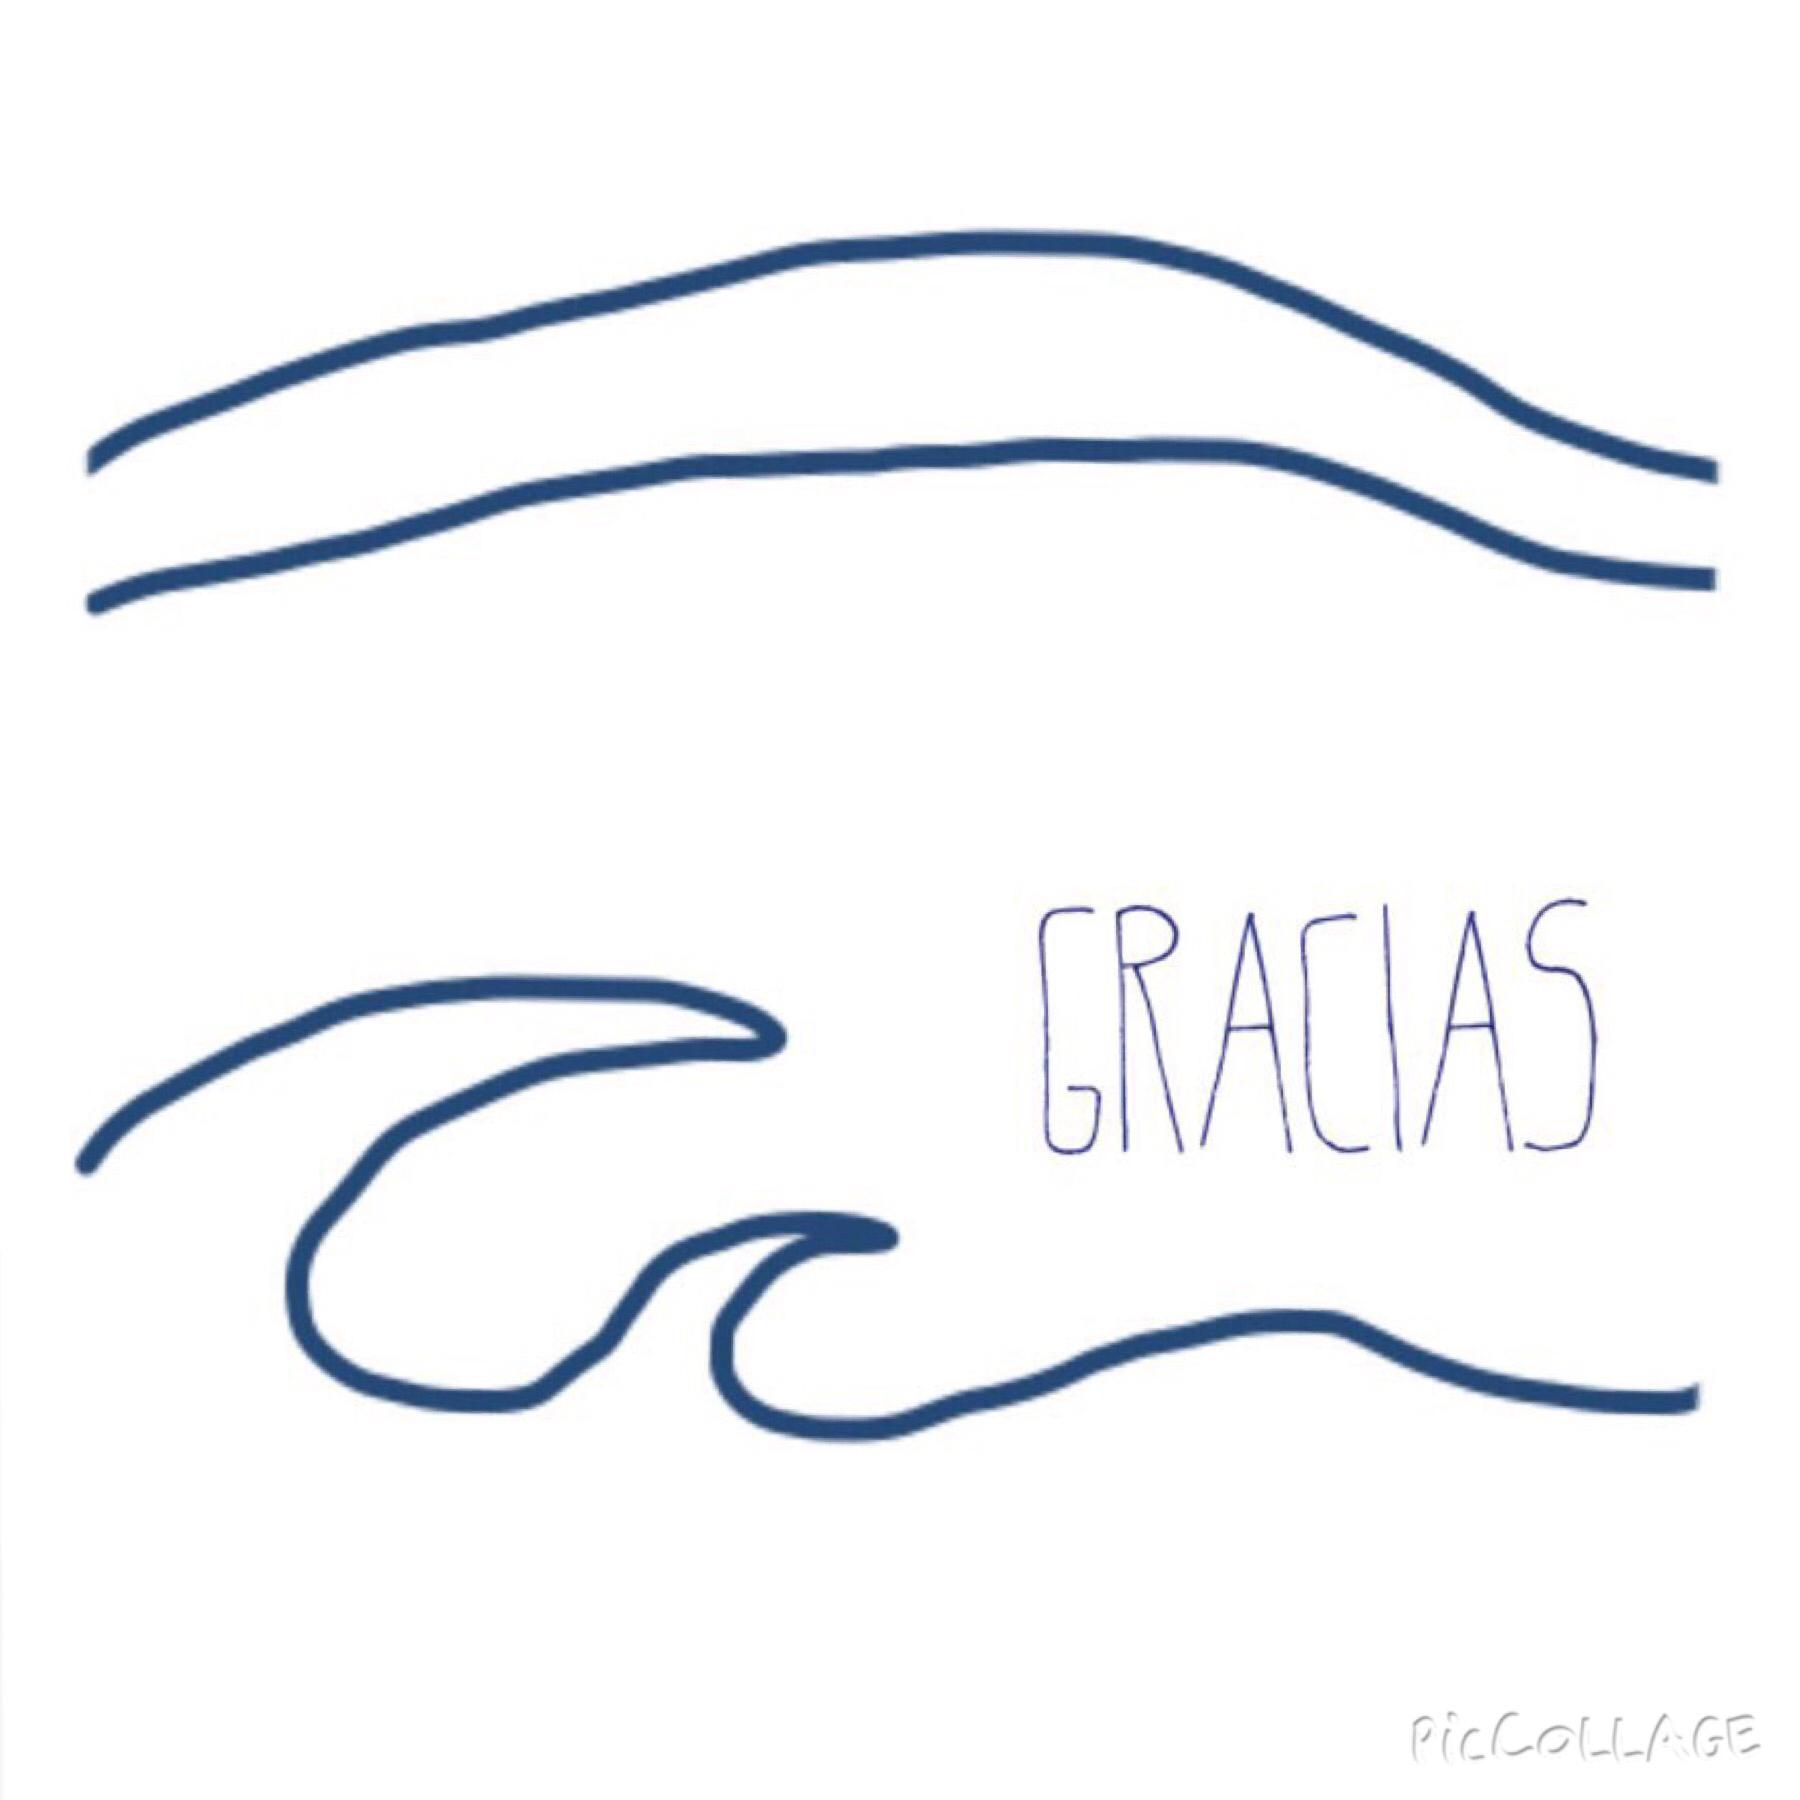 Grasias